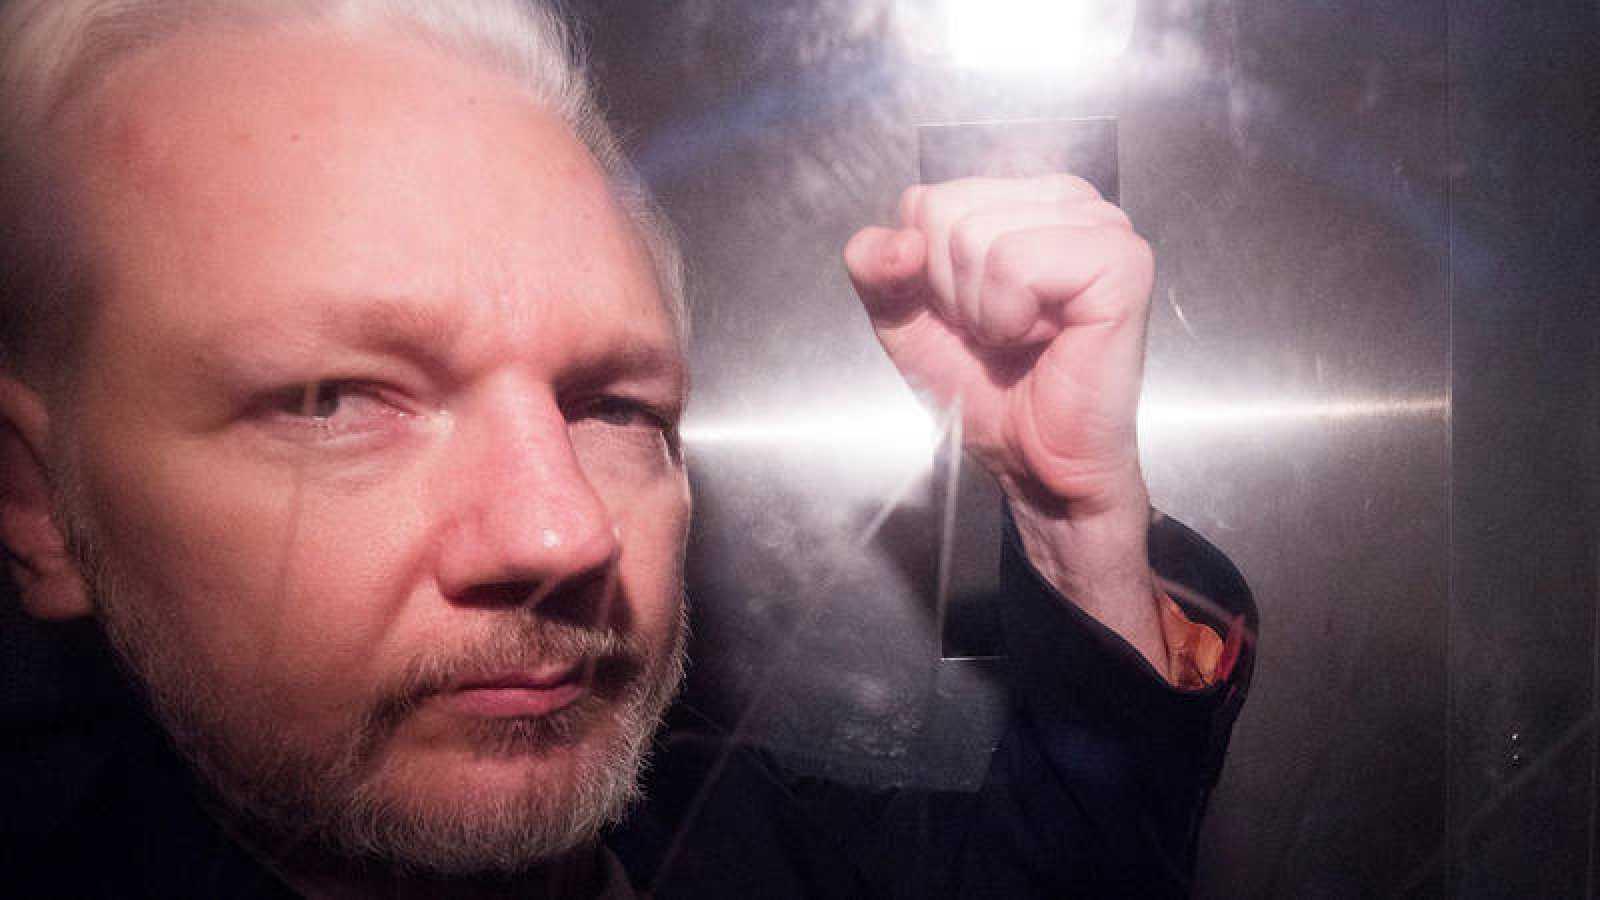 El fundador de Wikileaks, Julian Assange, saluda a los fotógrafos mientras abandona en un vehículo policial, este miércoles, el tribunal de Southwark de Londres (Reino Unido). Efe/Neil Hall